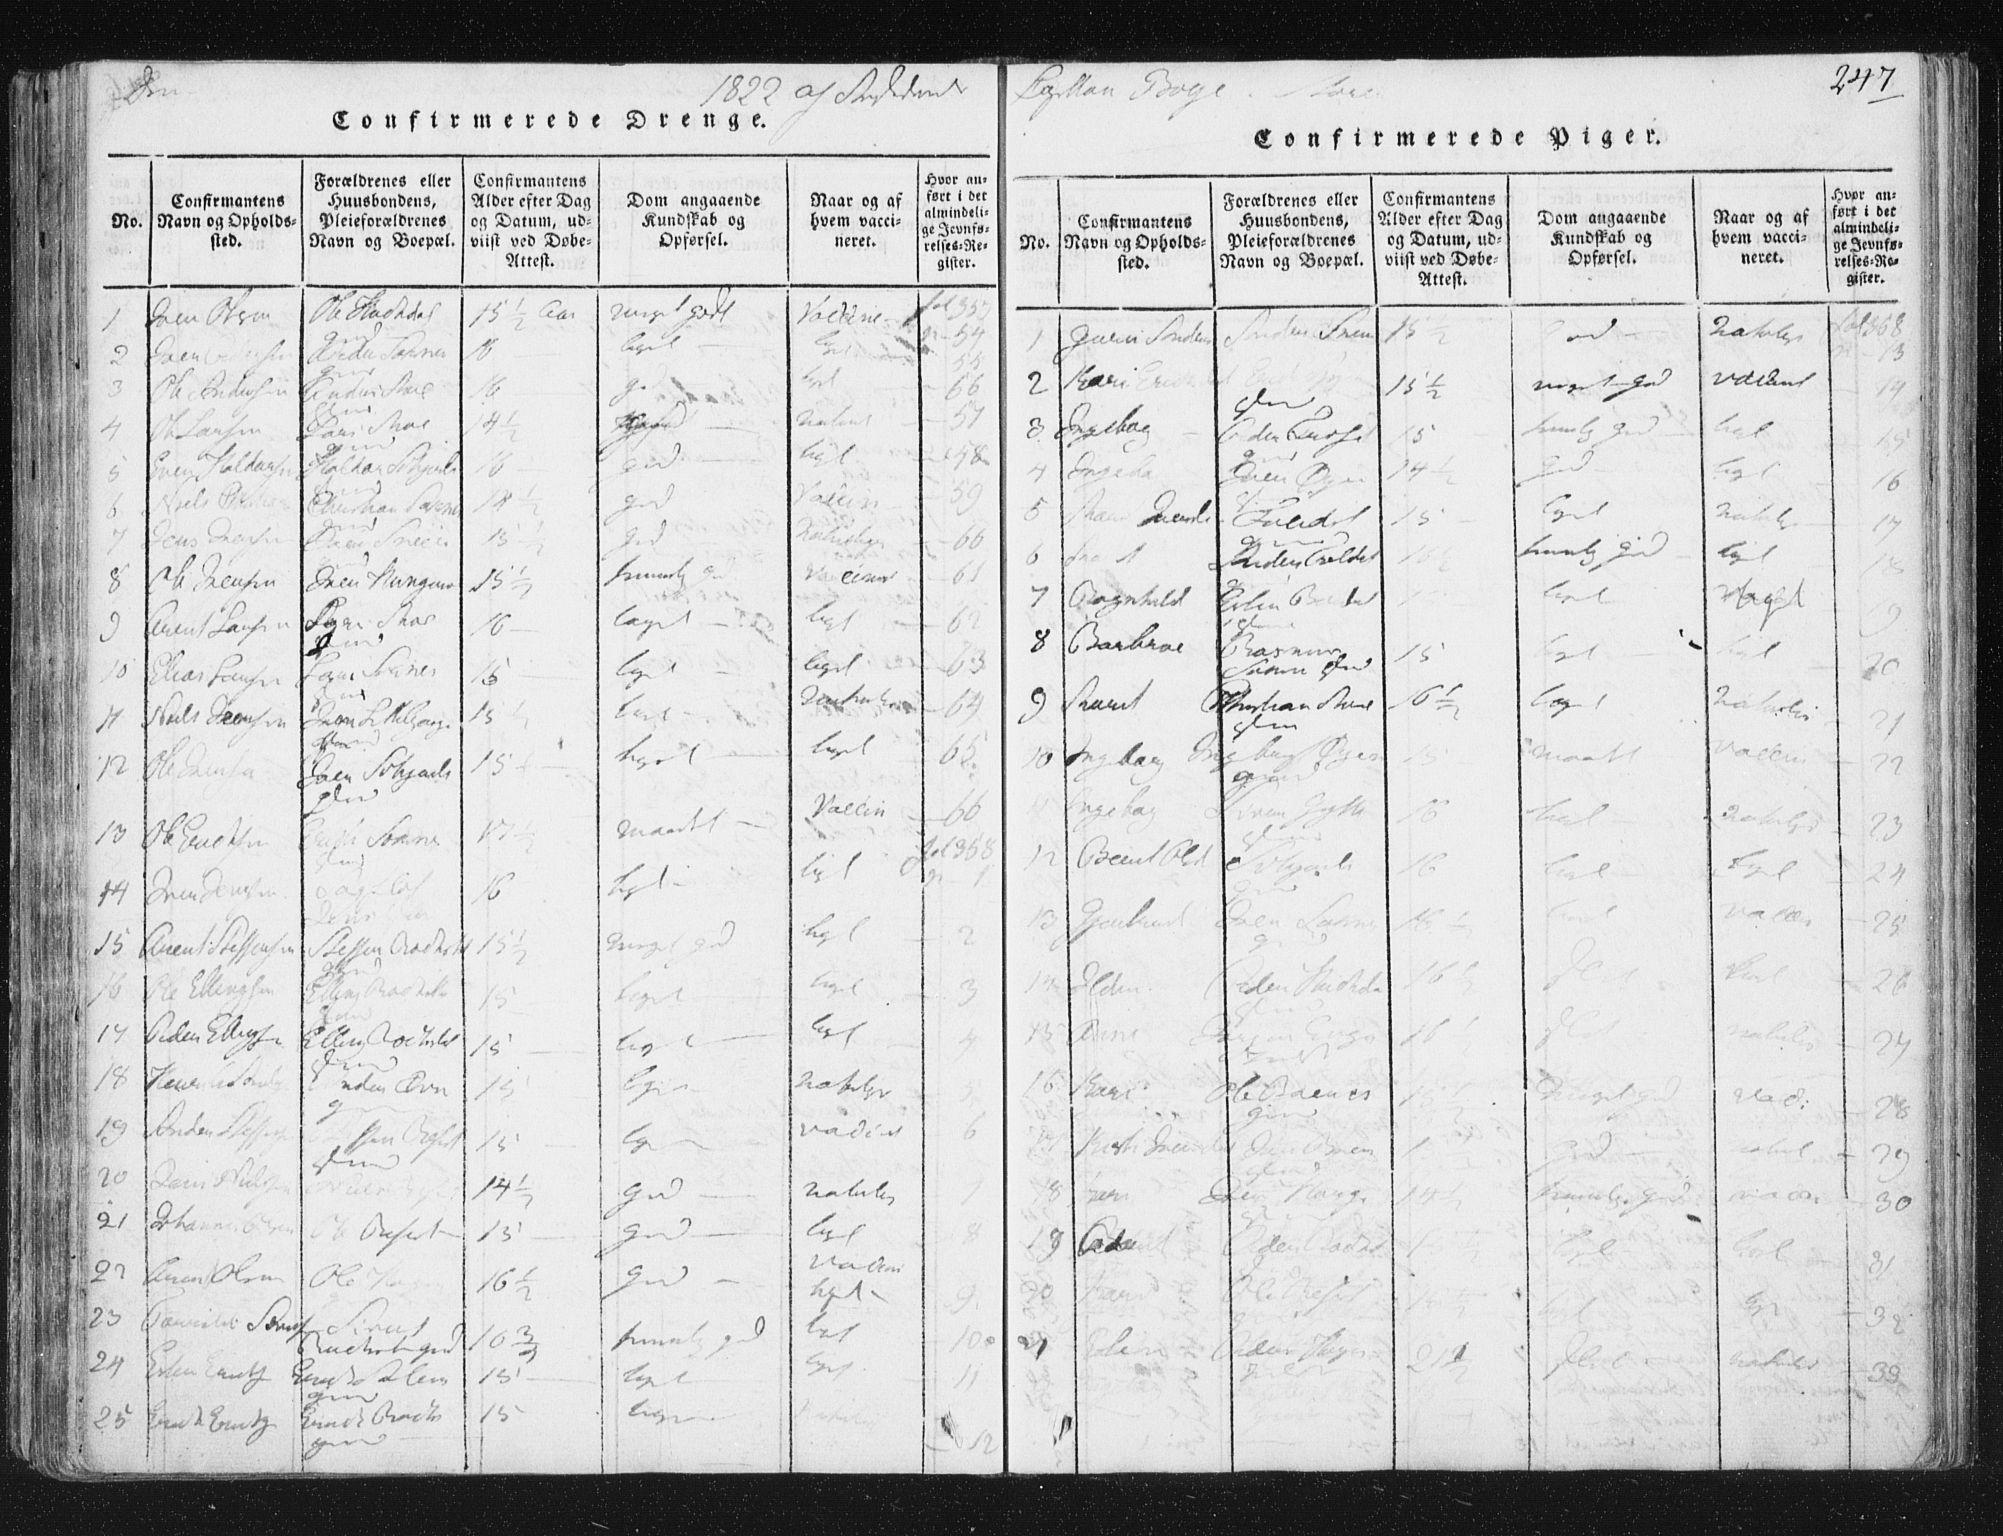 SAT, Ministerialprotokoller, klokkerbøker og fødselsregistre - Sør-Trøndelag, 687/L0996: Ministerialbok nr. 687A04, 1816-1842, s. 247